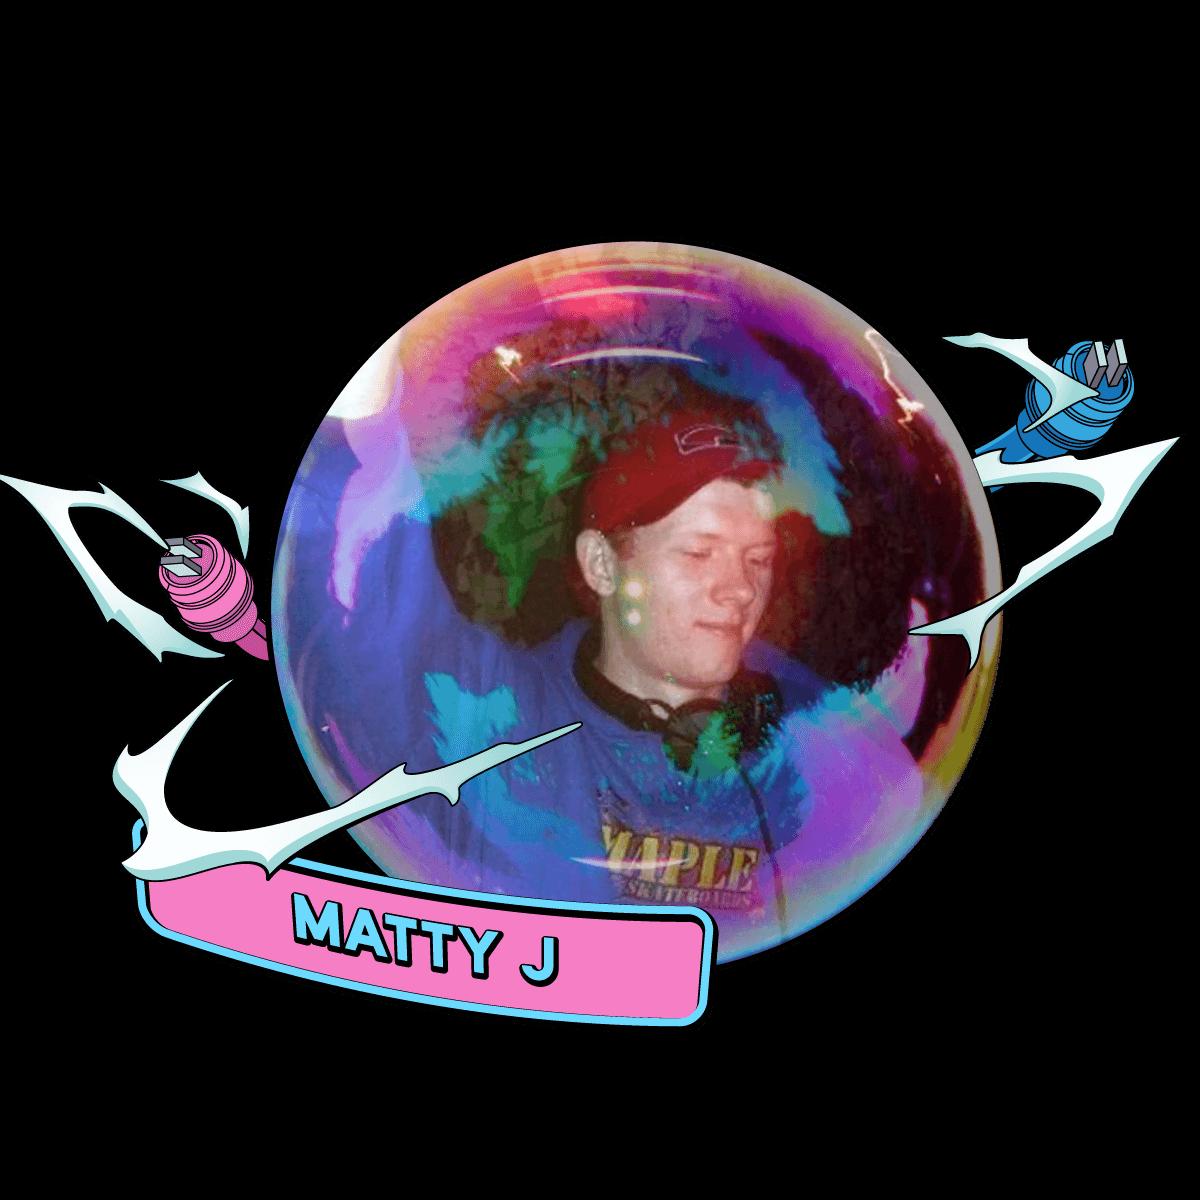 Matty J